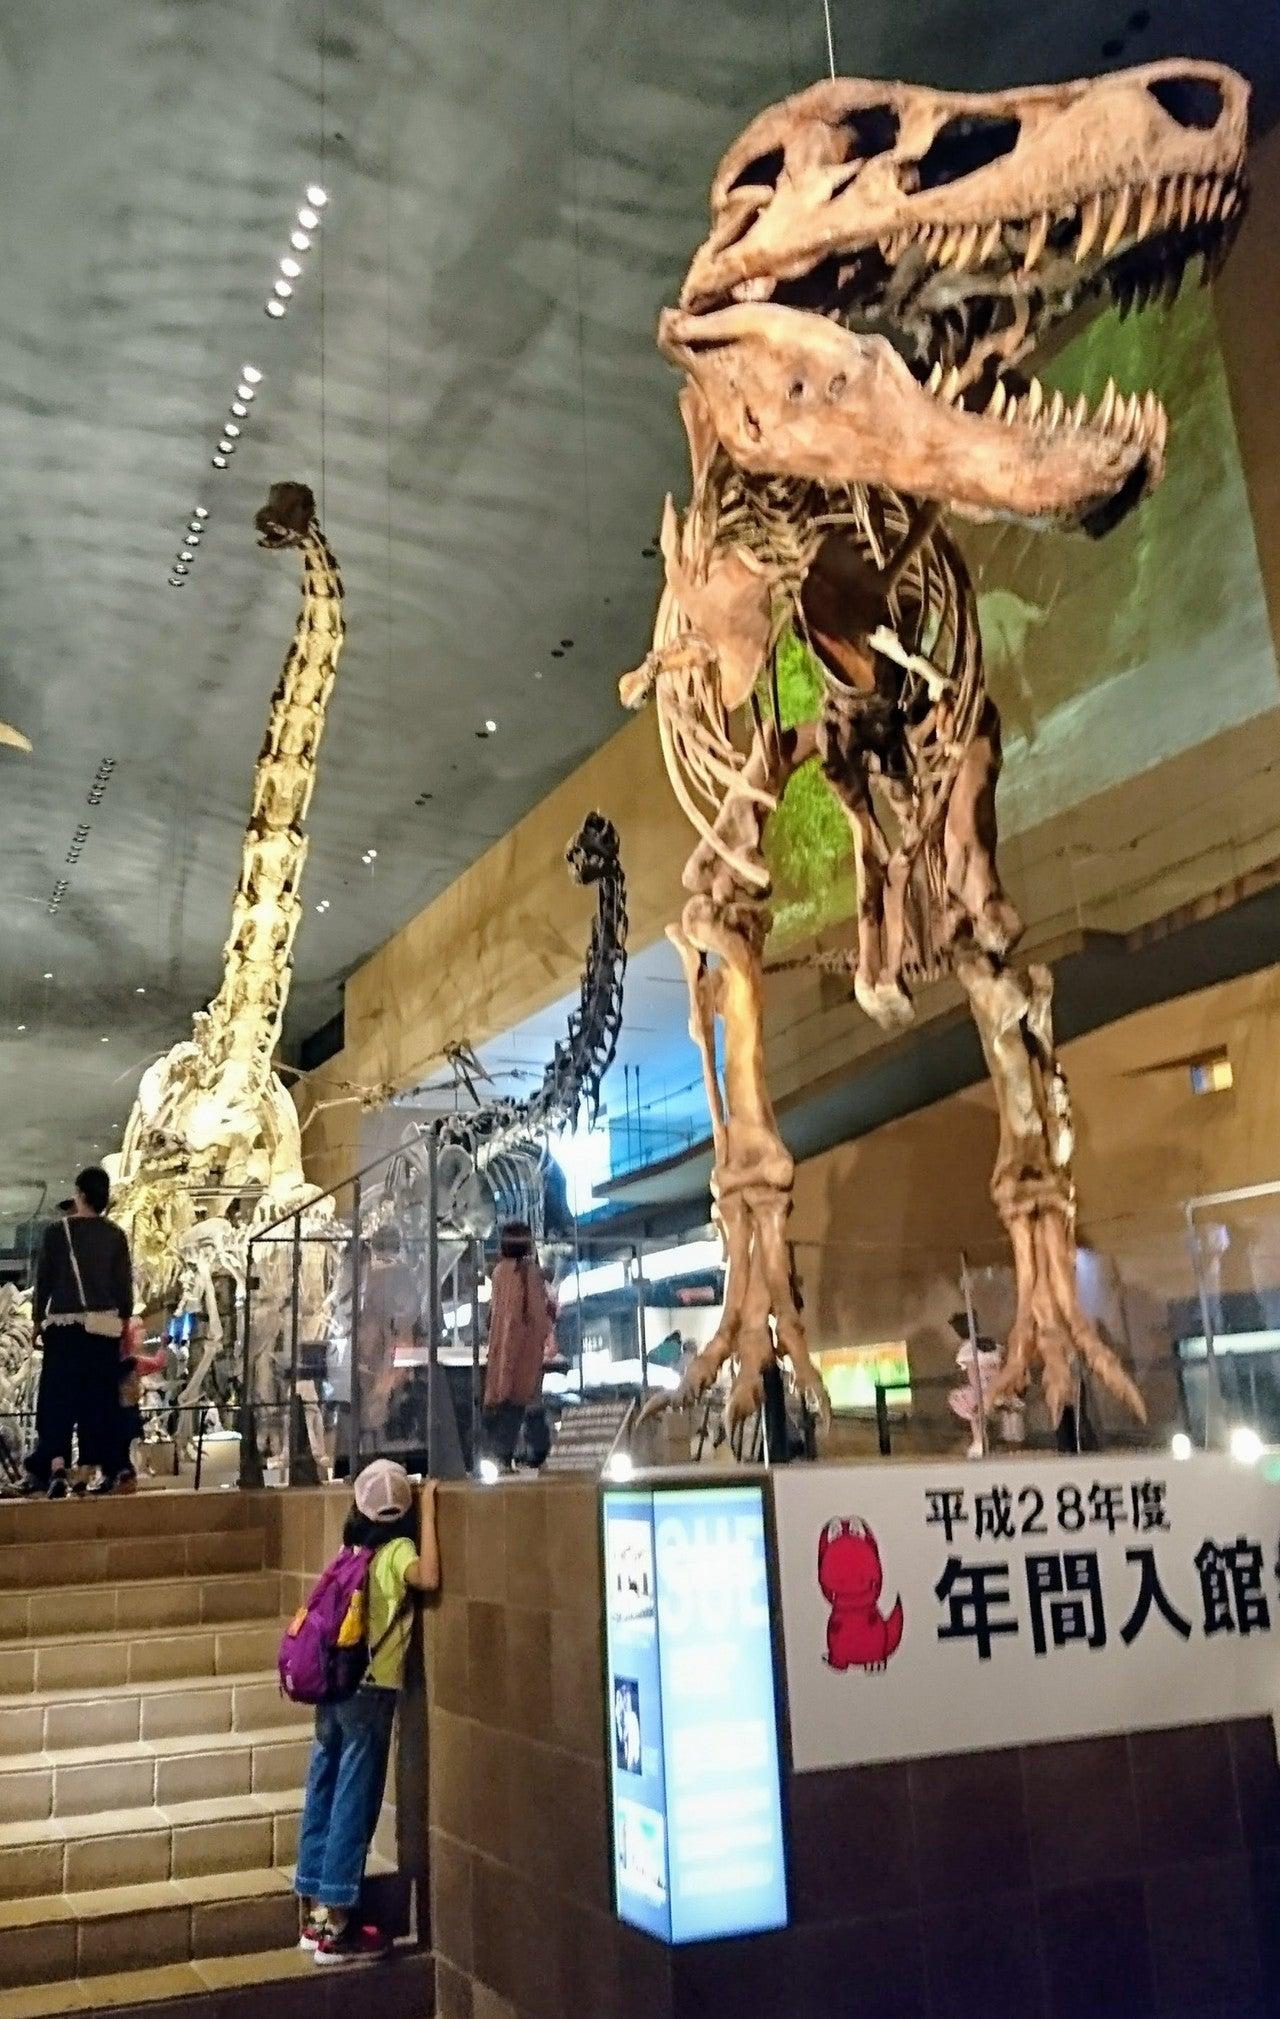 いのち たび 北九州 博物館 の